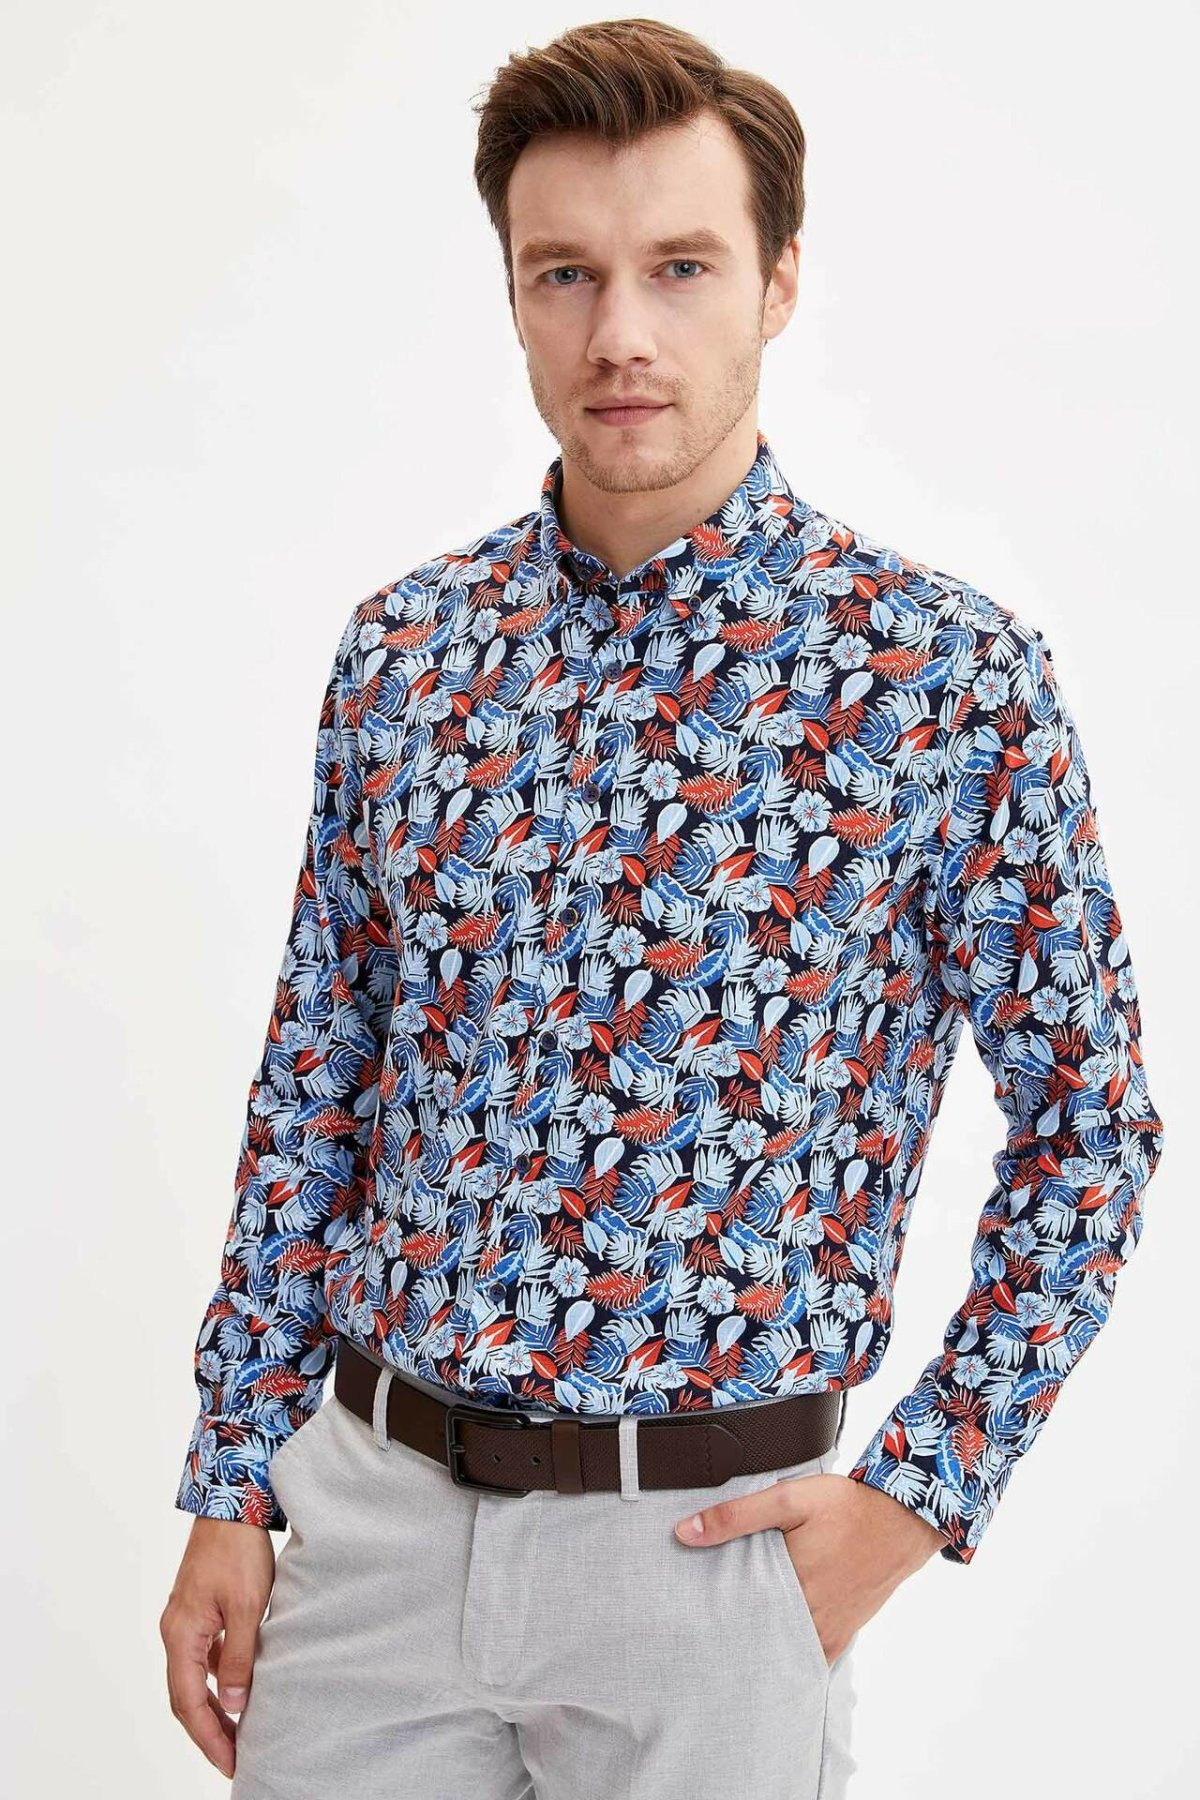 DeFacto Men Long Sleeve Shirts Tropical Plants Design Men's Autumn Smart Casual Top Shirts High Quality-L5831AZ19AU